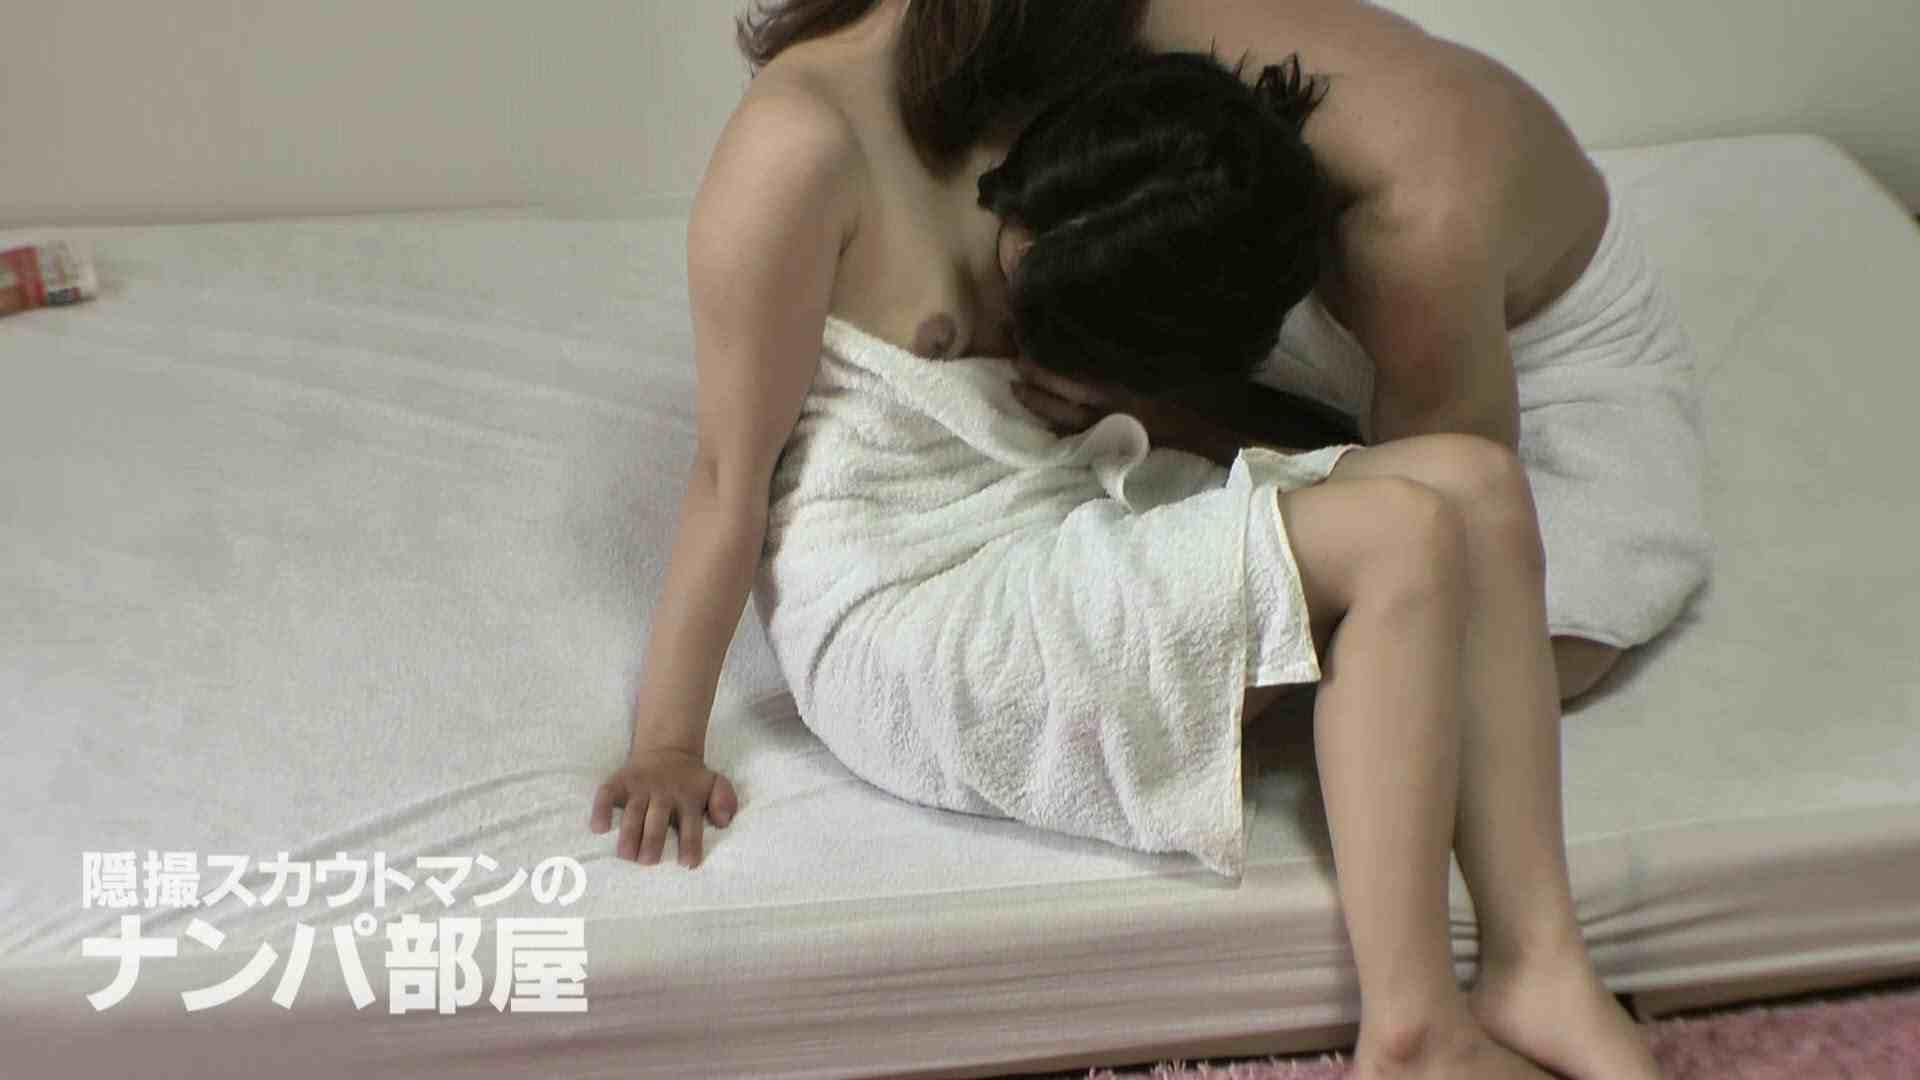 隠撮スカウトマンのナンパ部屋~風俗デビュー前のつまみ食い~ sii 隠撮   脱衣所  67pic 42